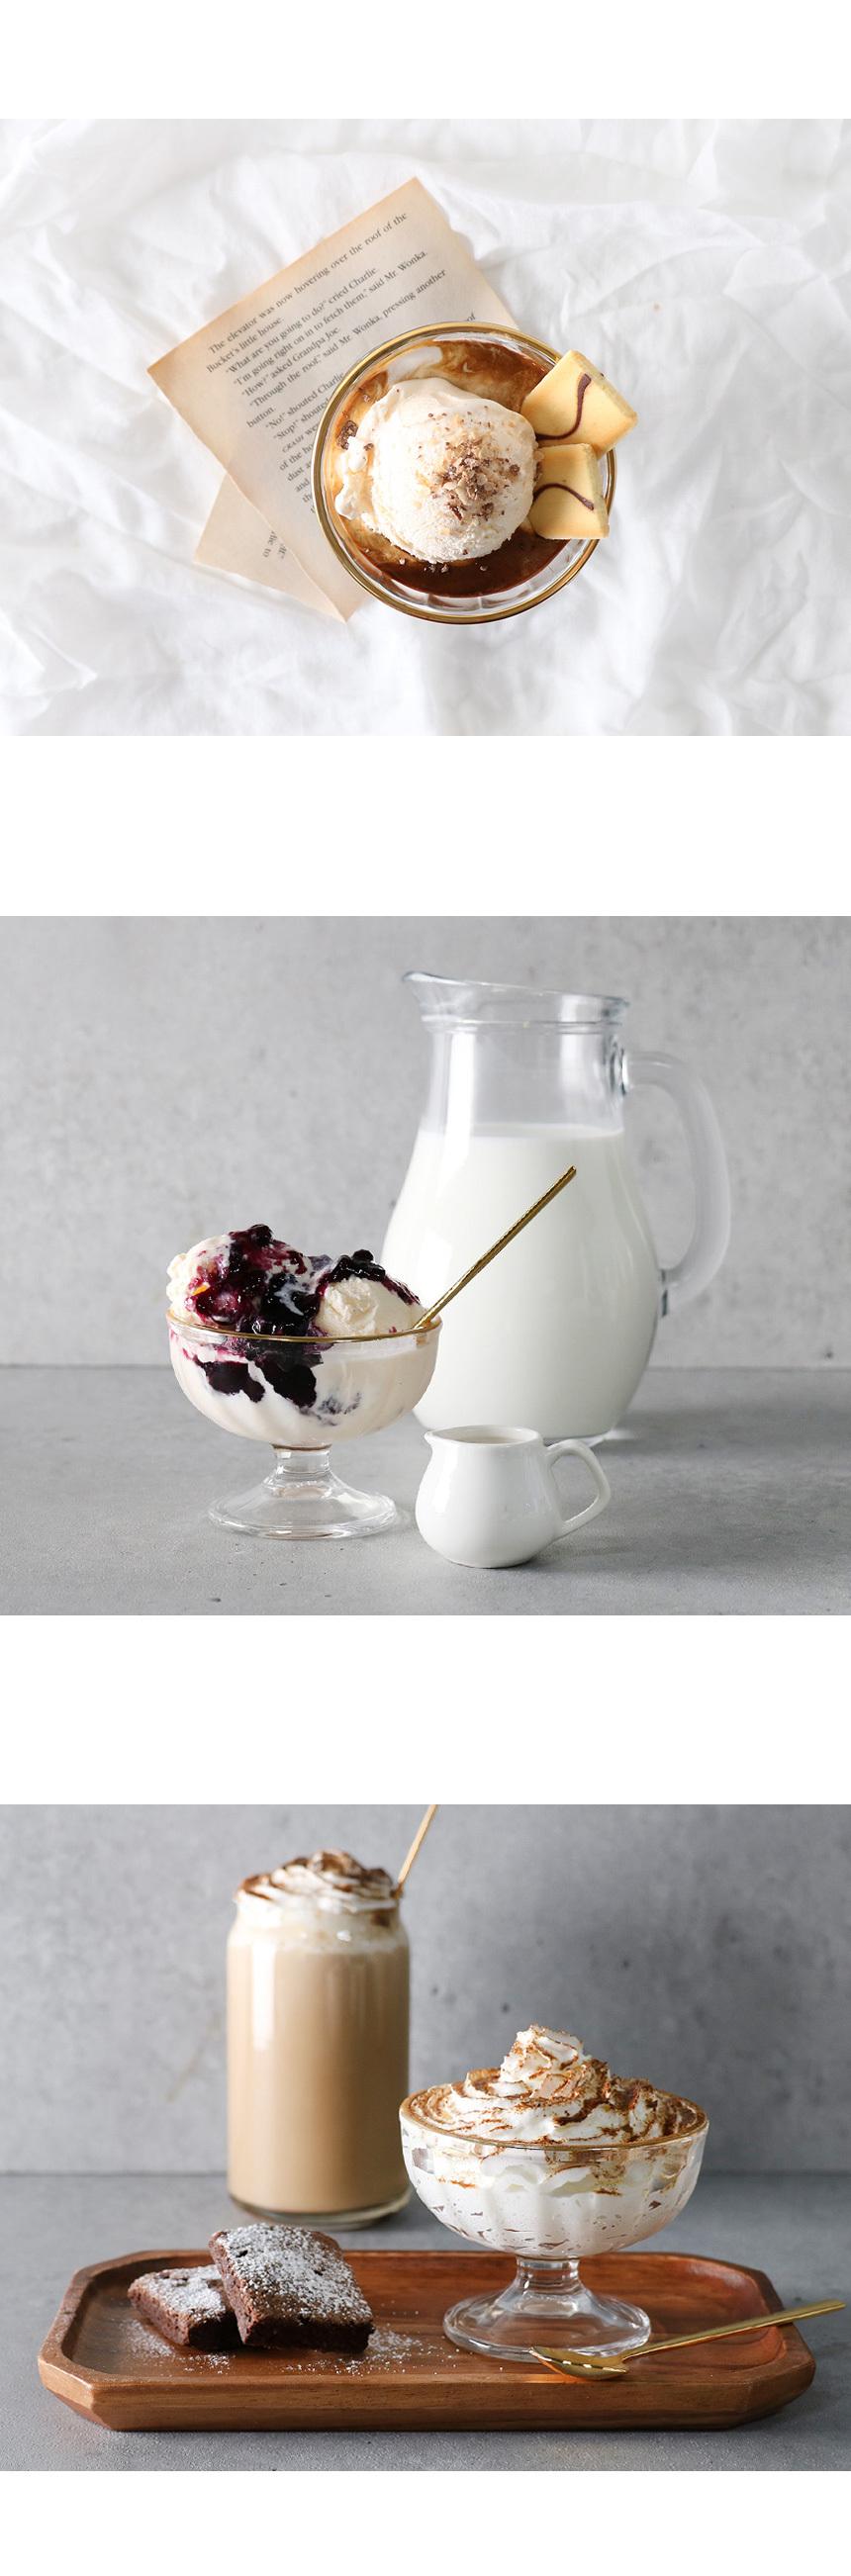 골드라인 유리 아포카토 컵 - 키친몰링, 10,500원, 유리컵/술잔, 유리컵